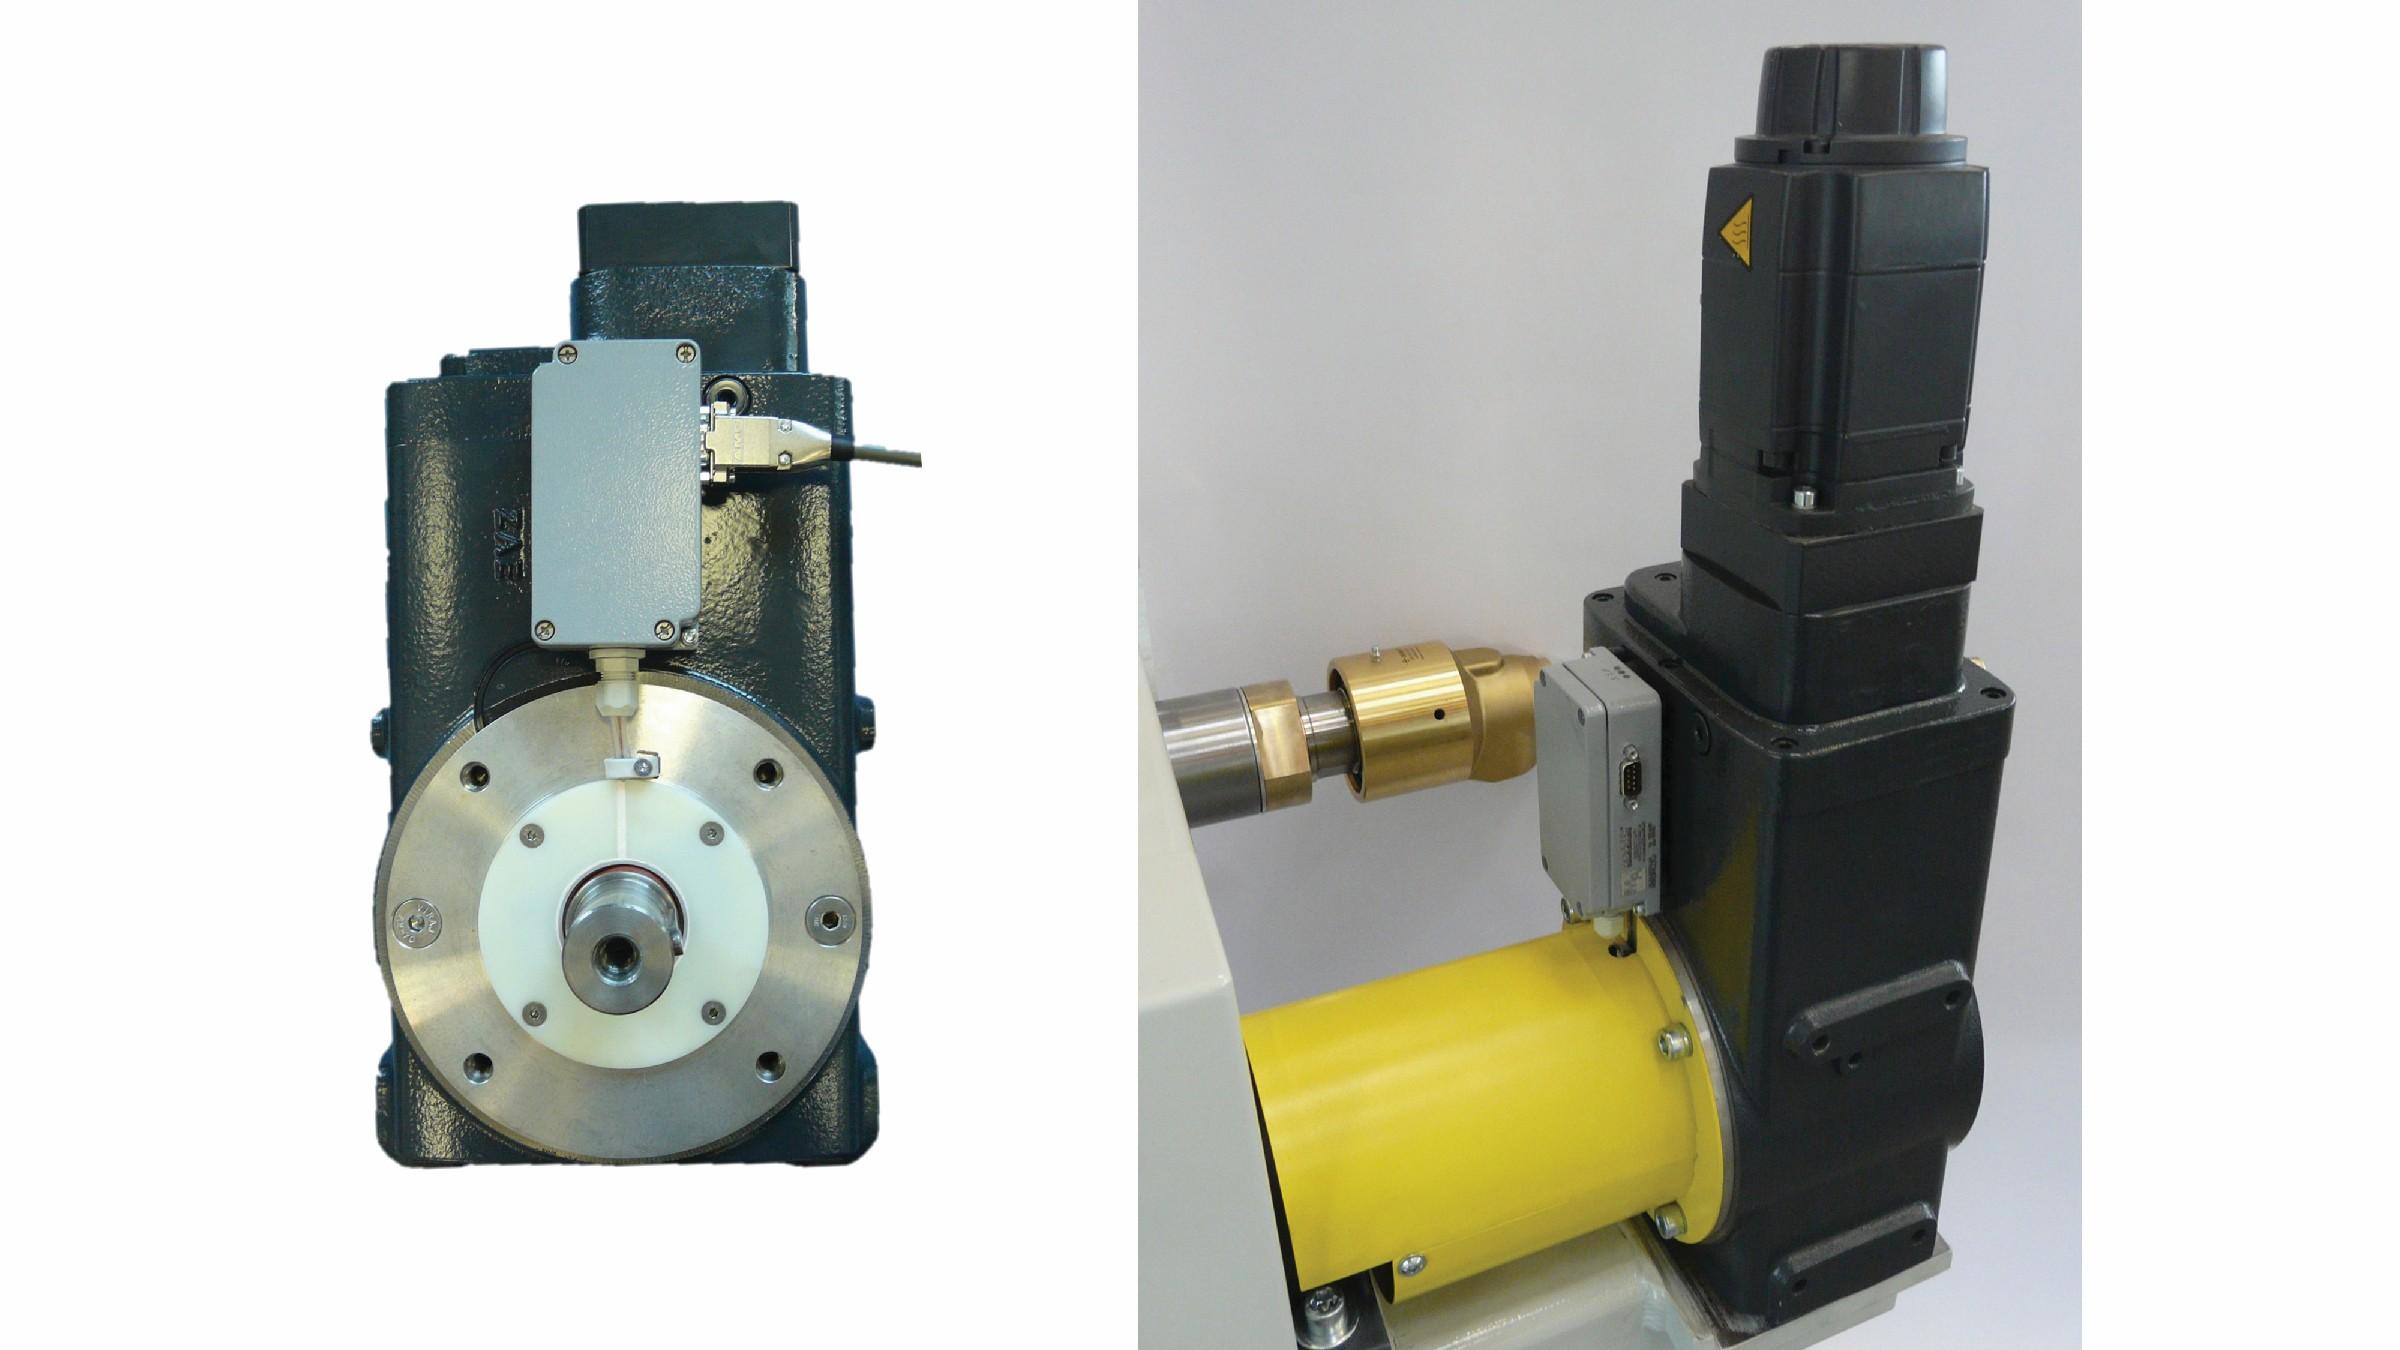 Bild 7 Getriebe mit Q-Torque einzeln und in Kroenert-Anlage verbaut. Bild: ZAE